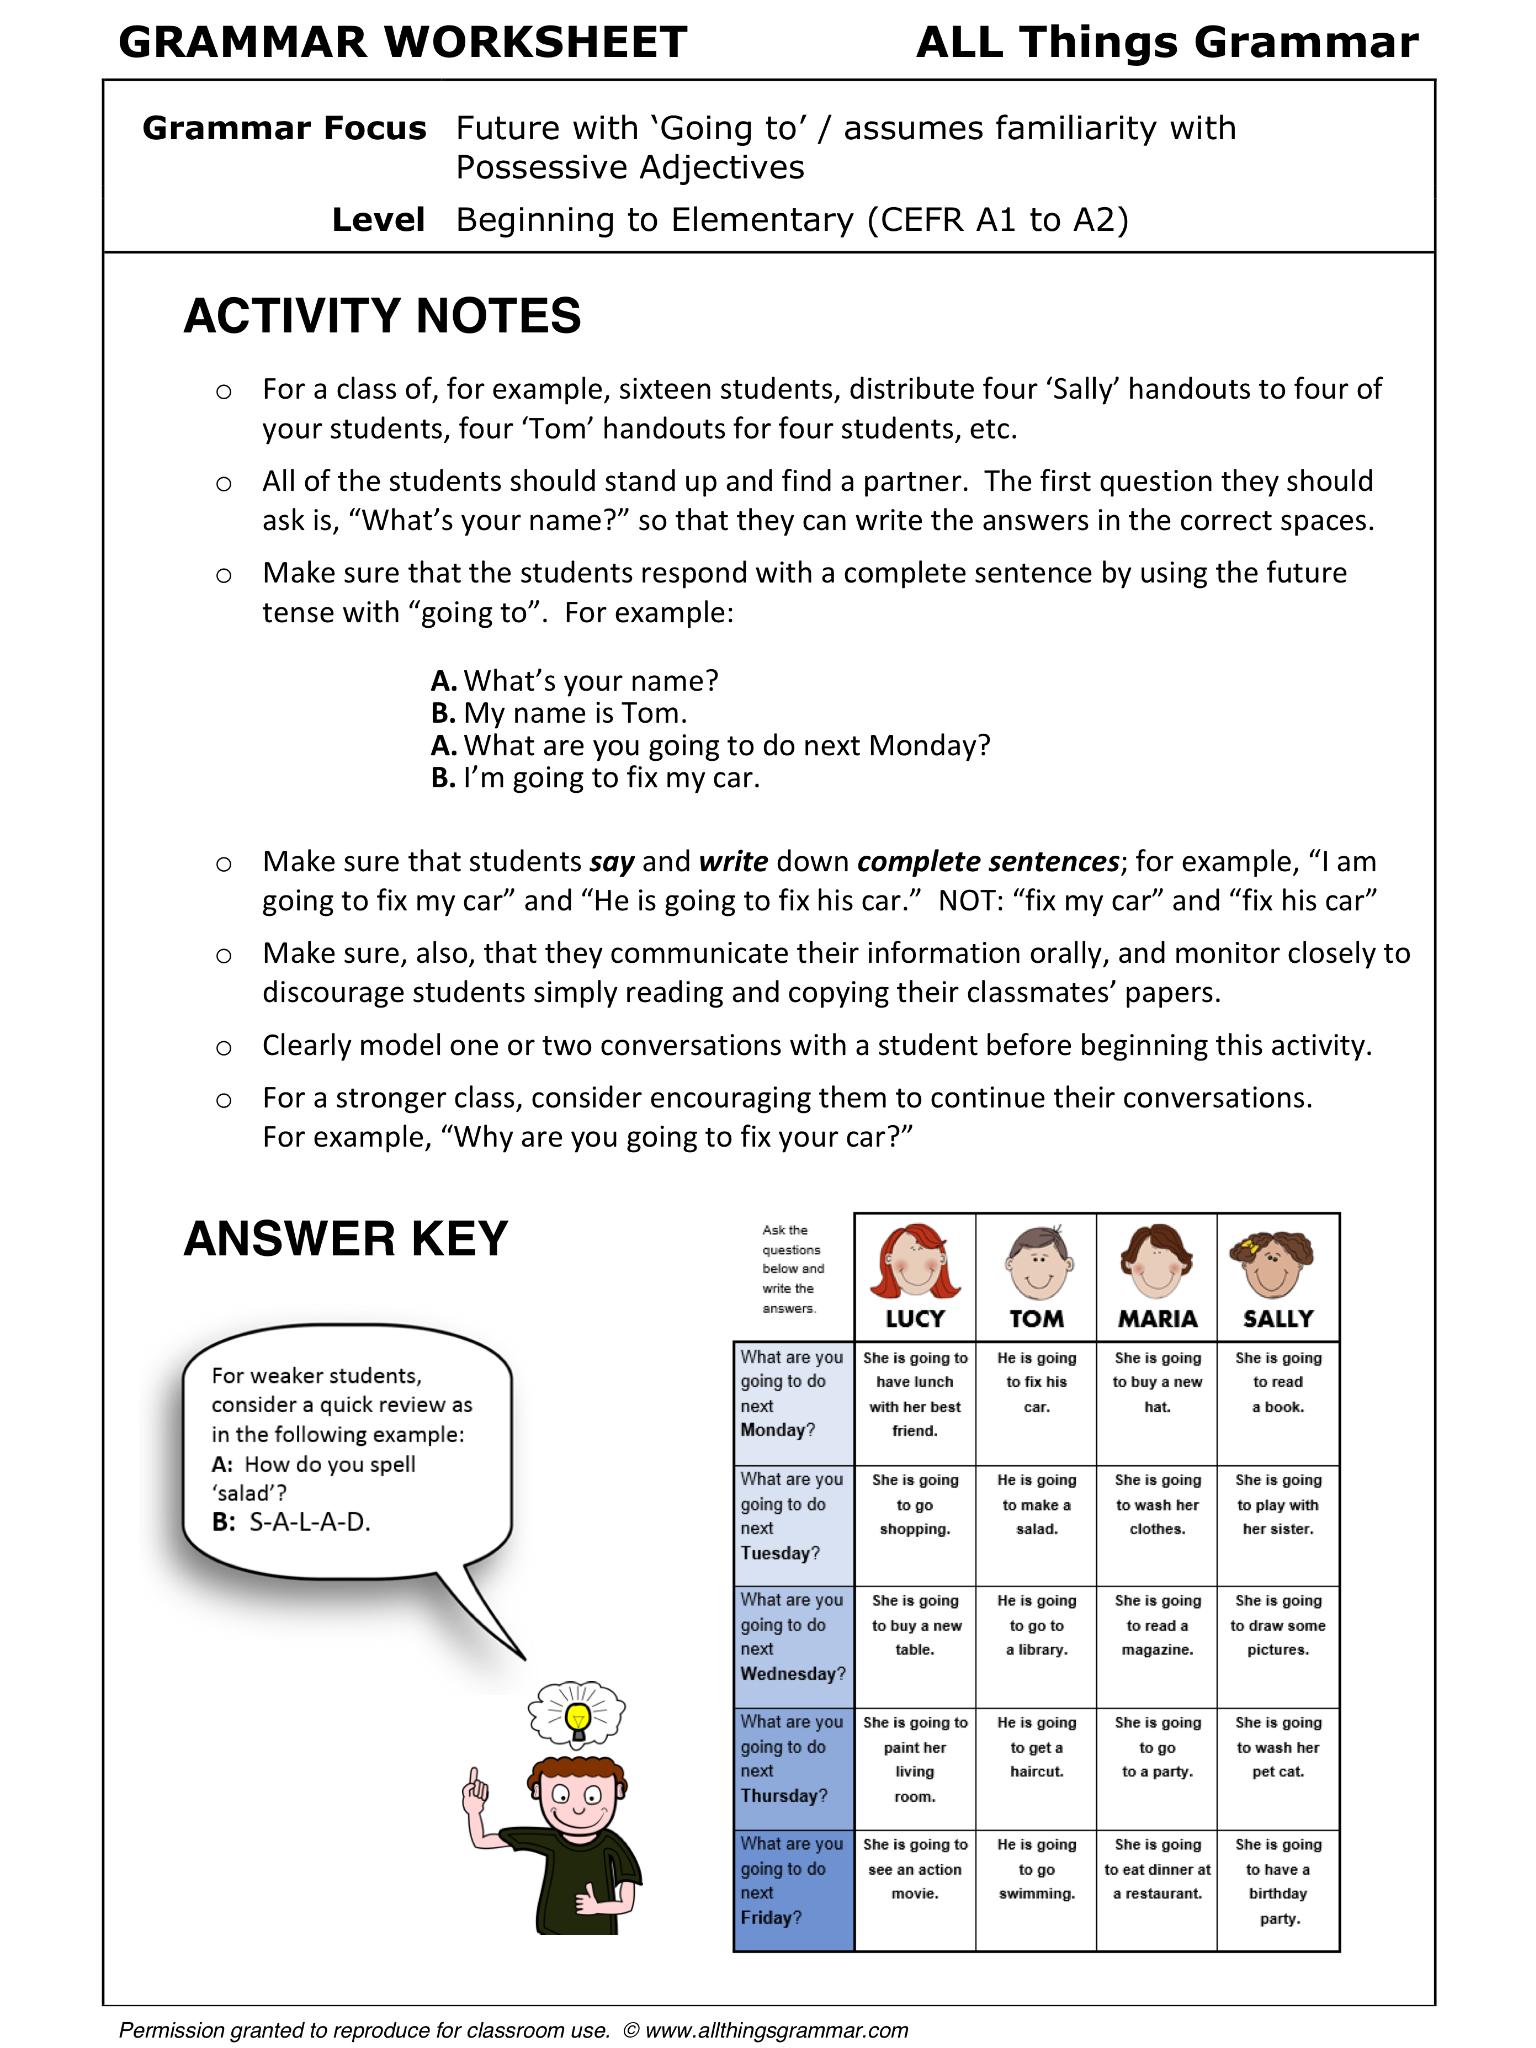 English GRAMMAR WORKSHEET, Info-Gap, Grammar Focus Future with ...